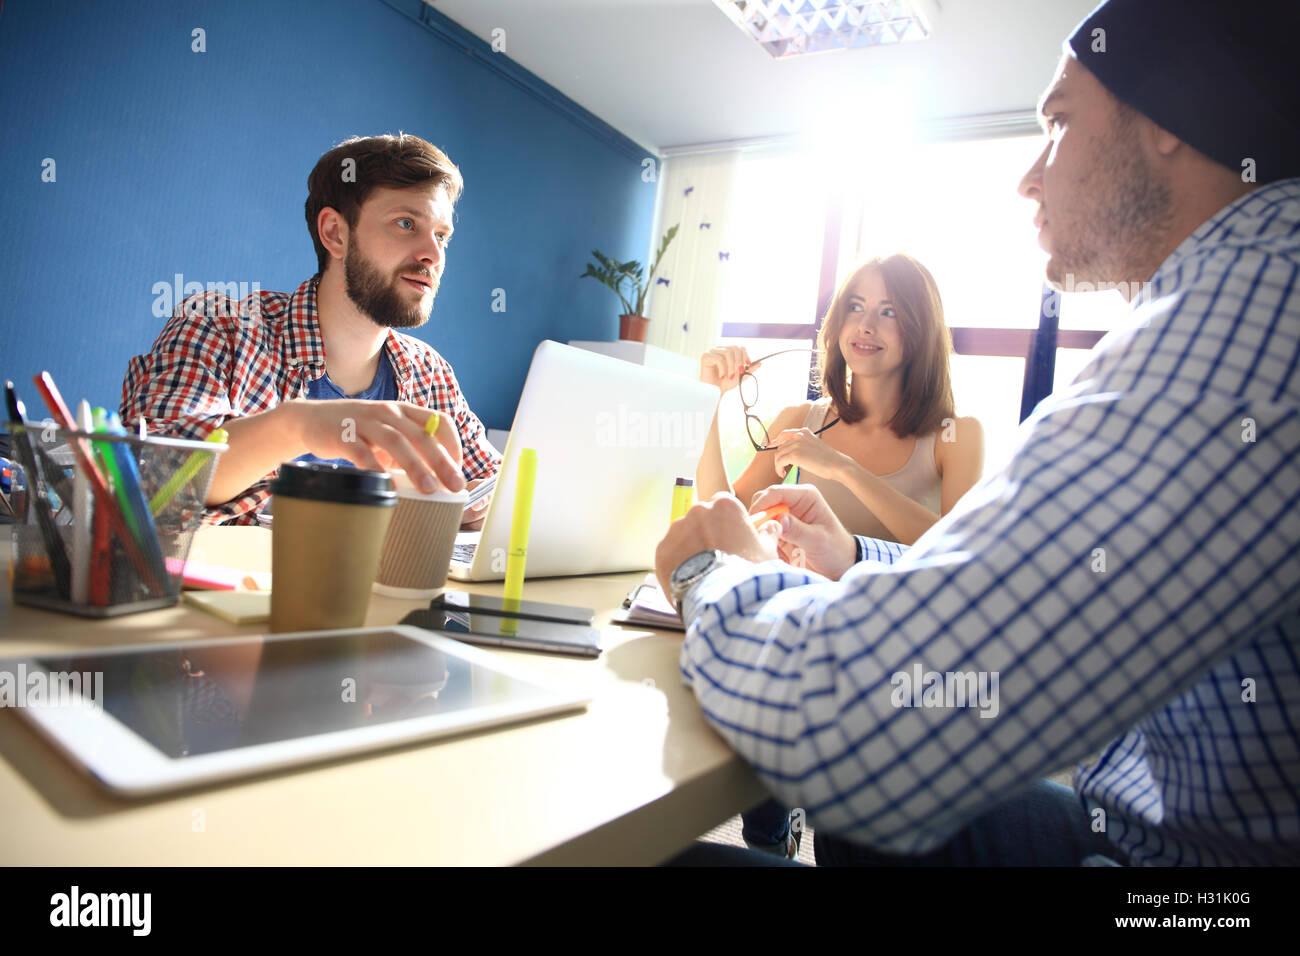 Glücklich Webdesigner brainstorming über neue sartup Stockbild